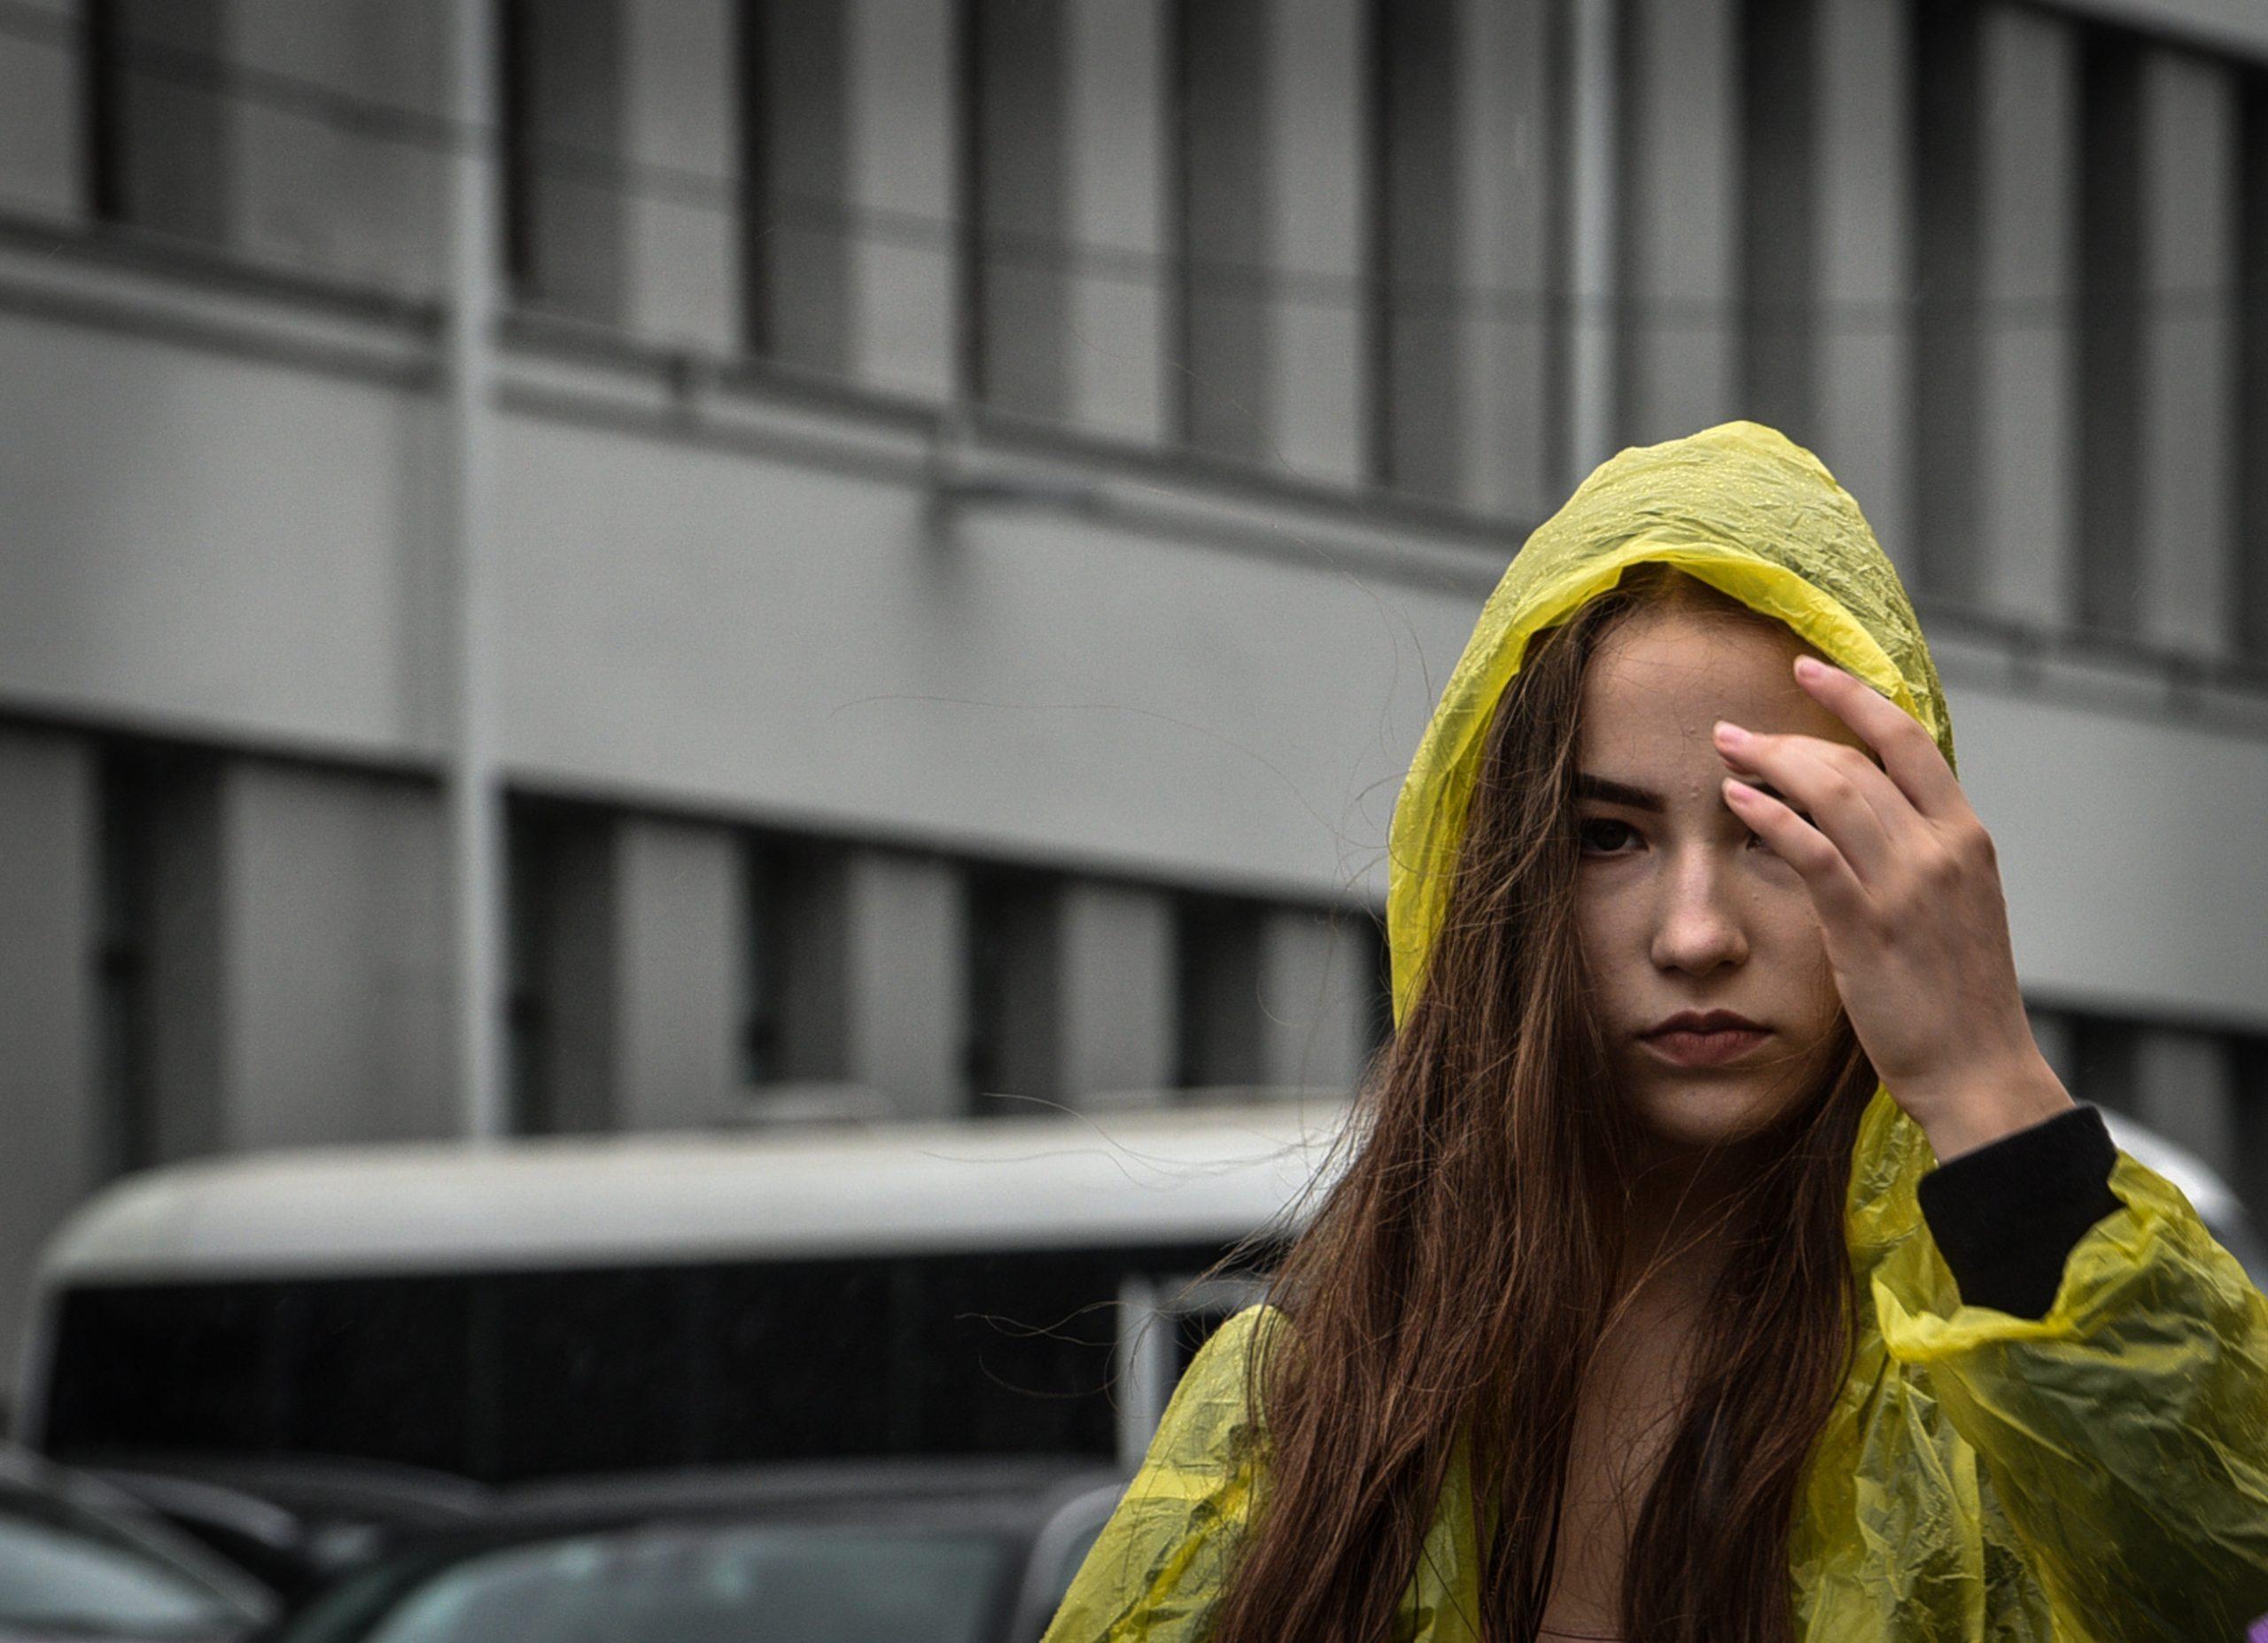 Около 40 процентов апрельской нормы осадков накроет Москву за сутки